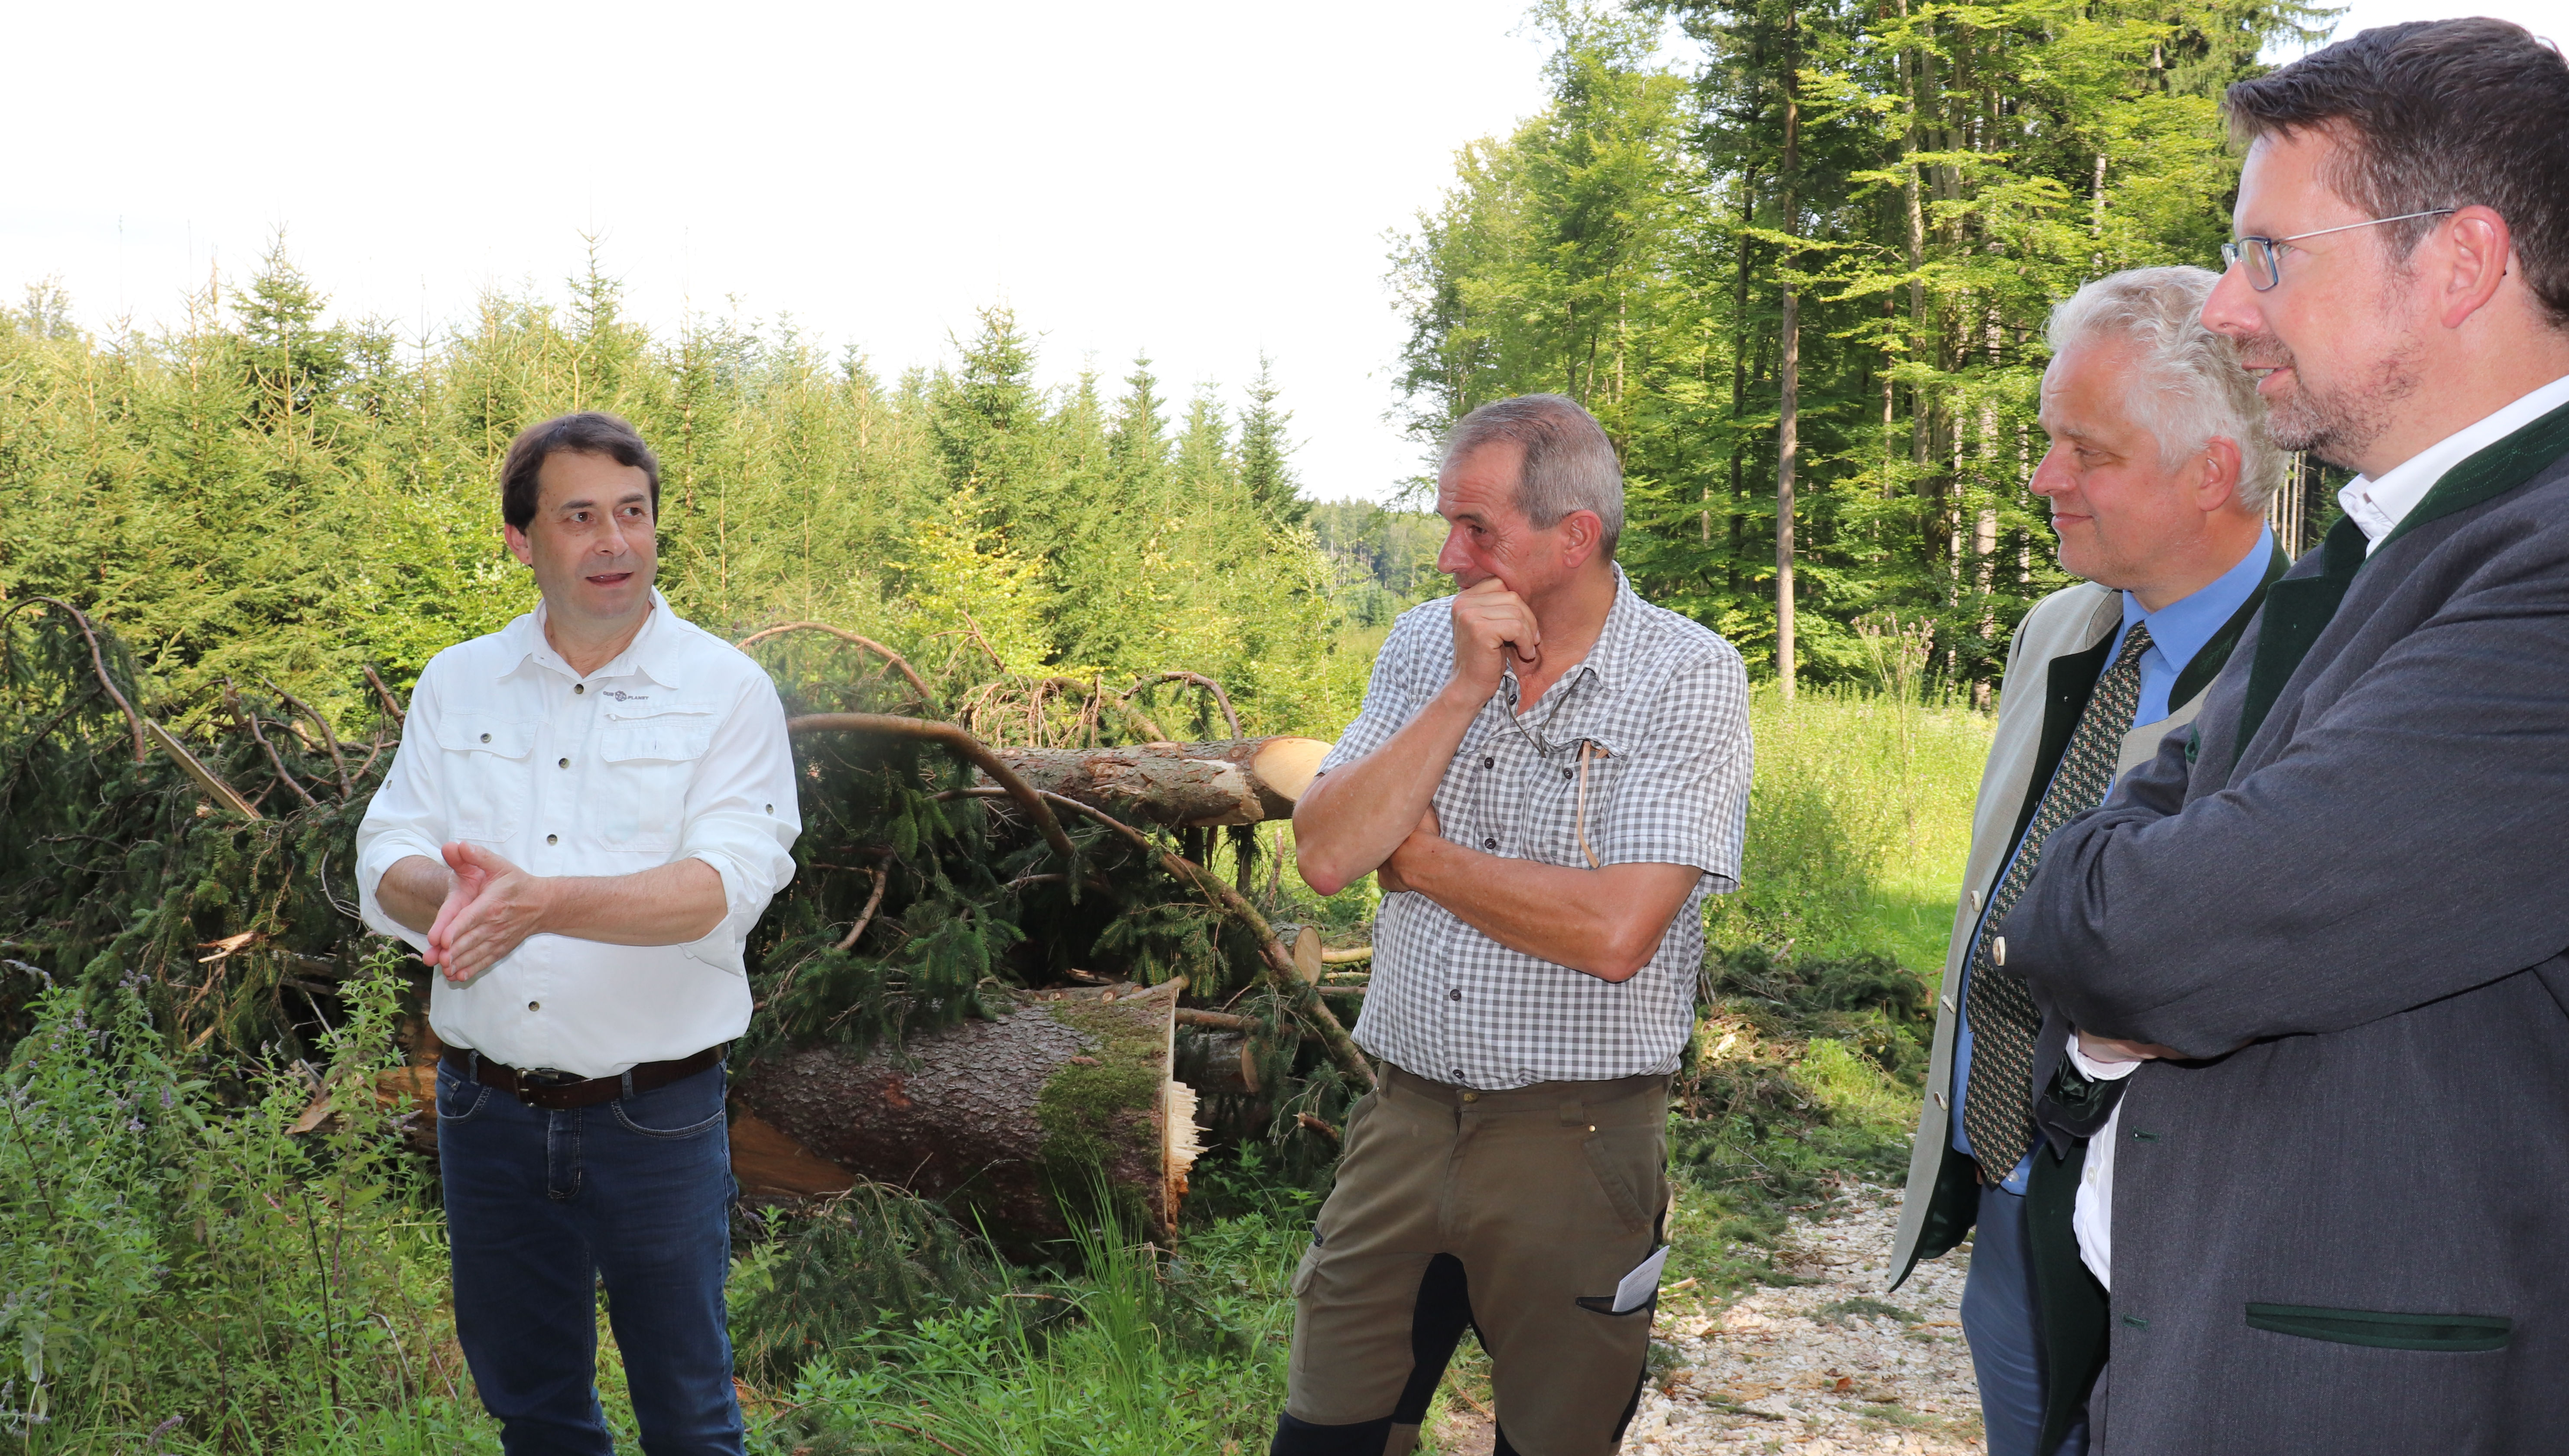 Stephan Stracke im Gespräch mit Ulrich Graf Fugger von Glött, dem Betriebsleiter Land und Forst der Fugger Günter Winkler und dem Bayerischen Waldpräsidenten Josef Ziegler (von rechts nach links).